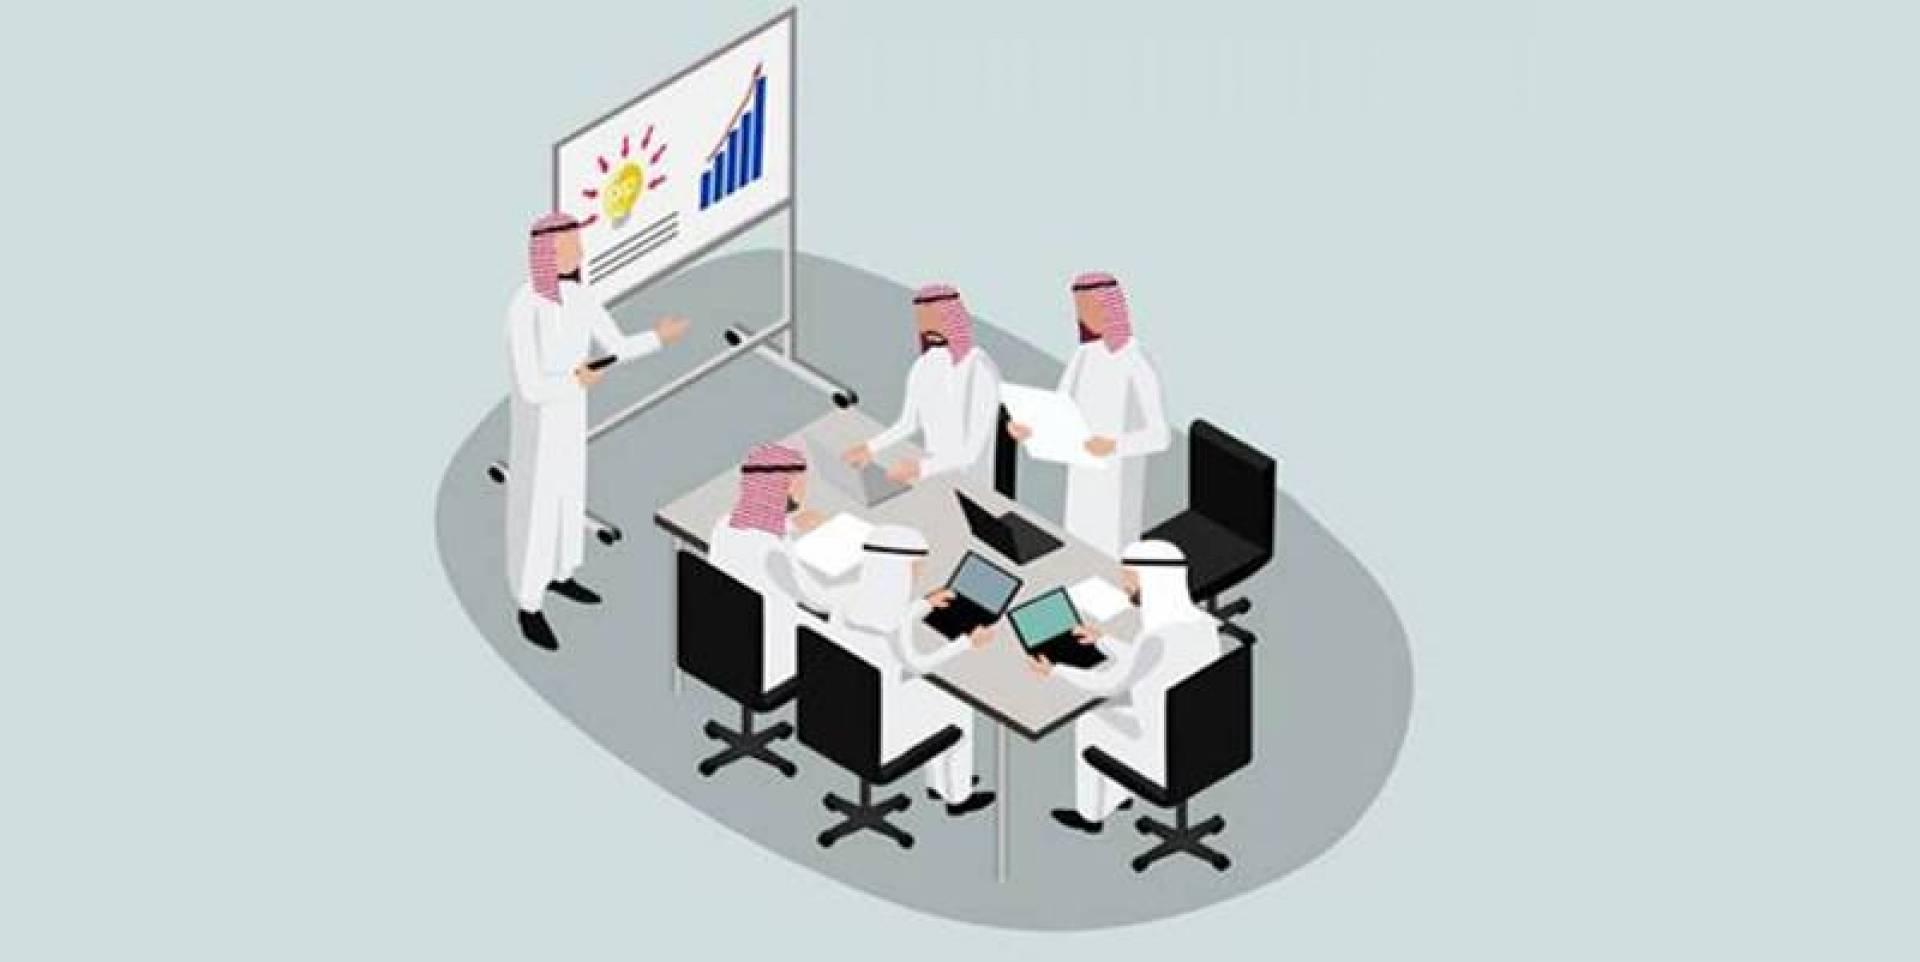 دراسة: نظرة الكويت والخليج للمشاريع الصغيرة.. هامشية!